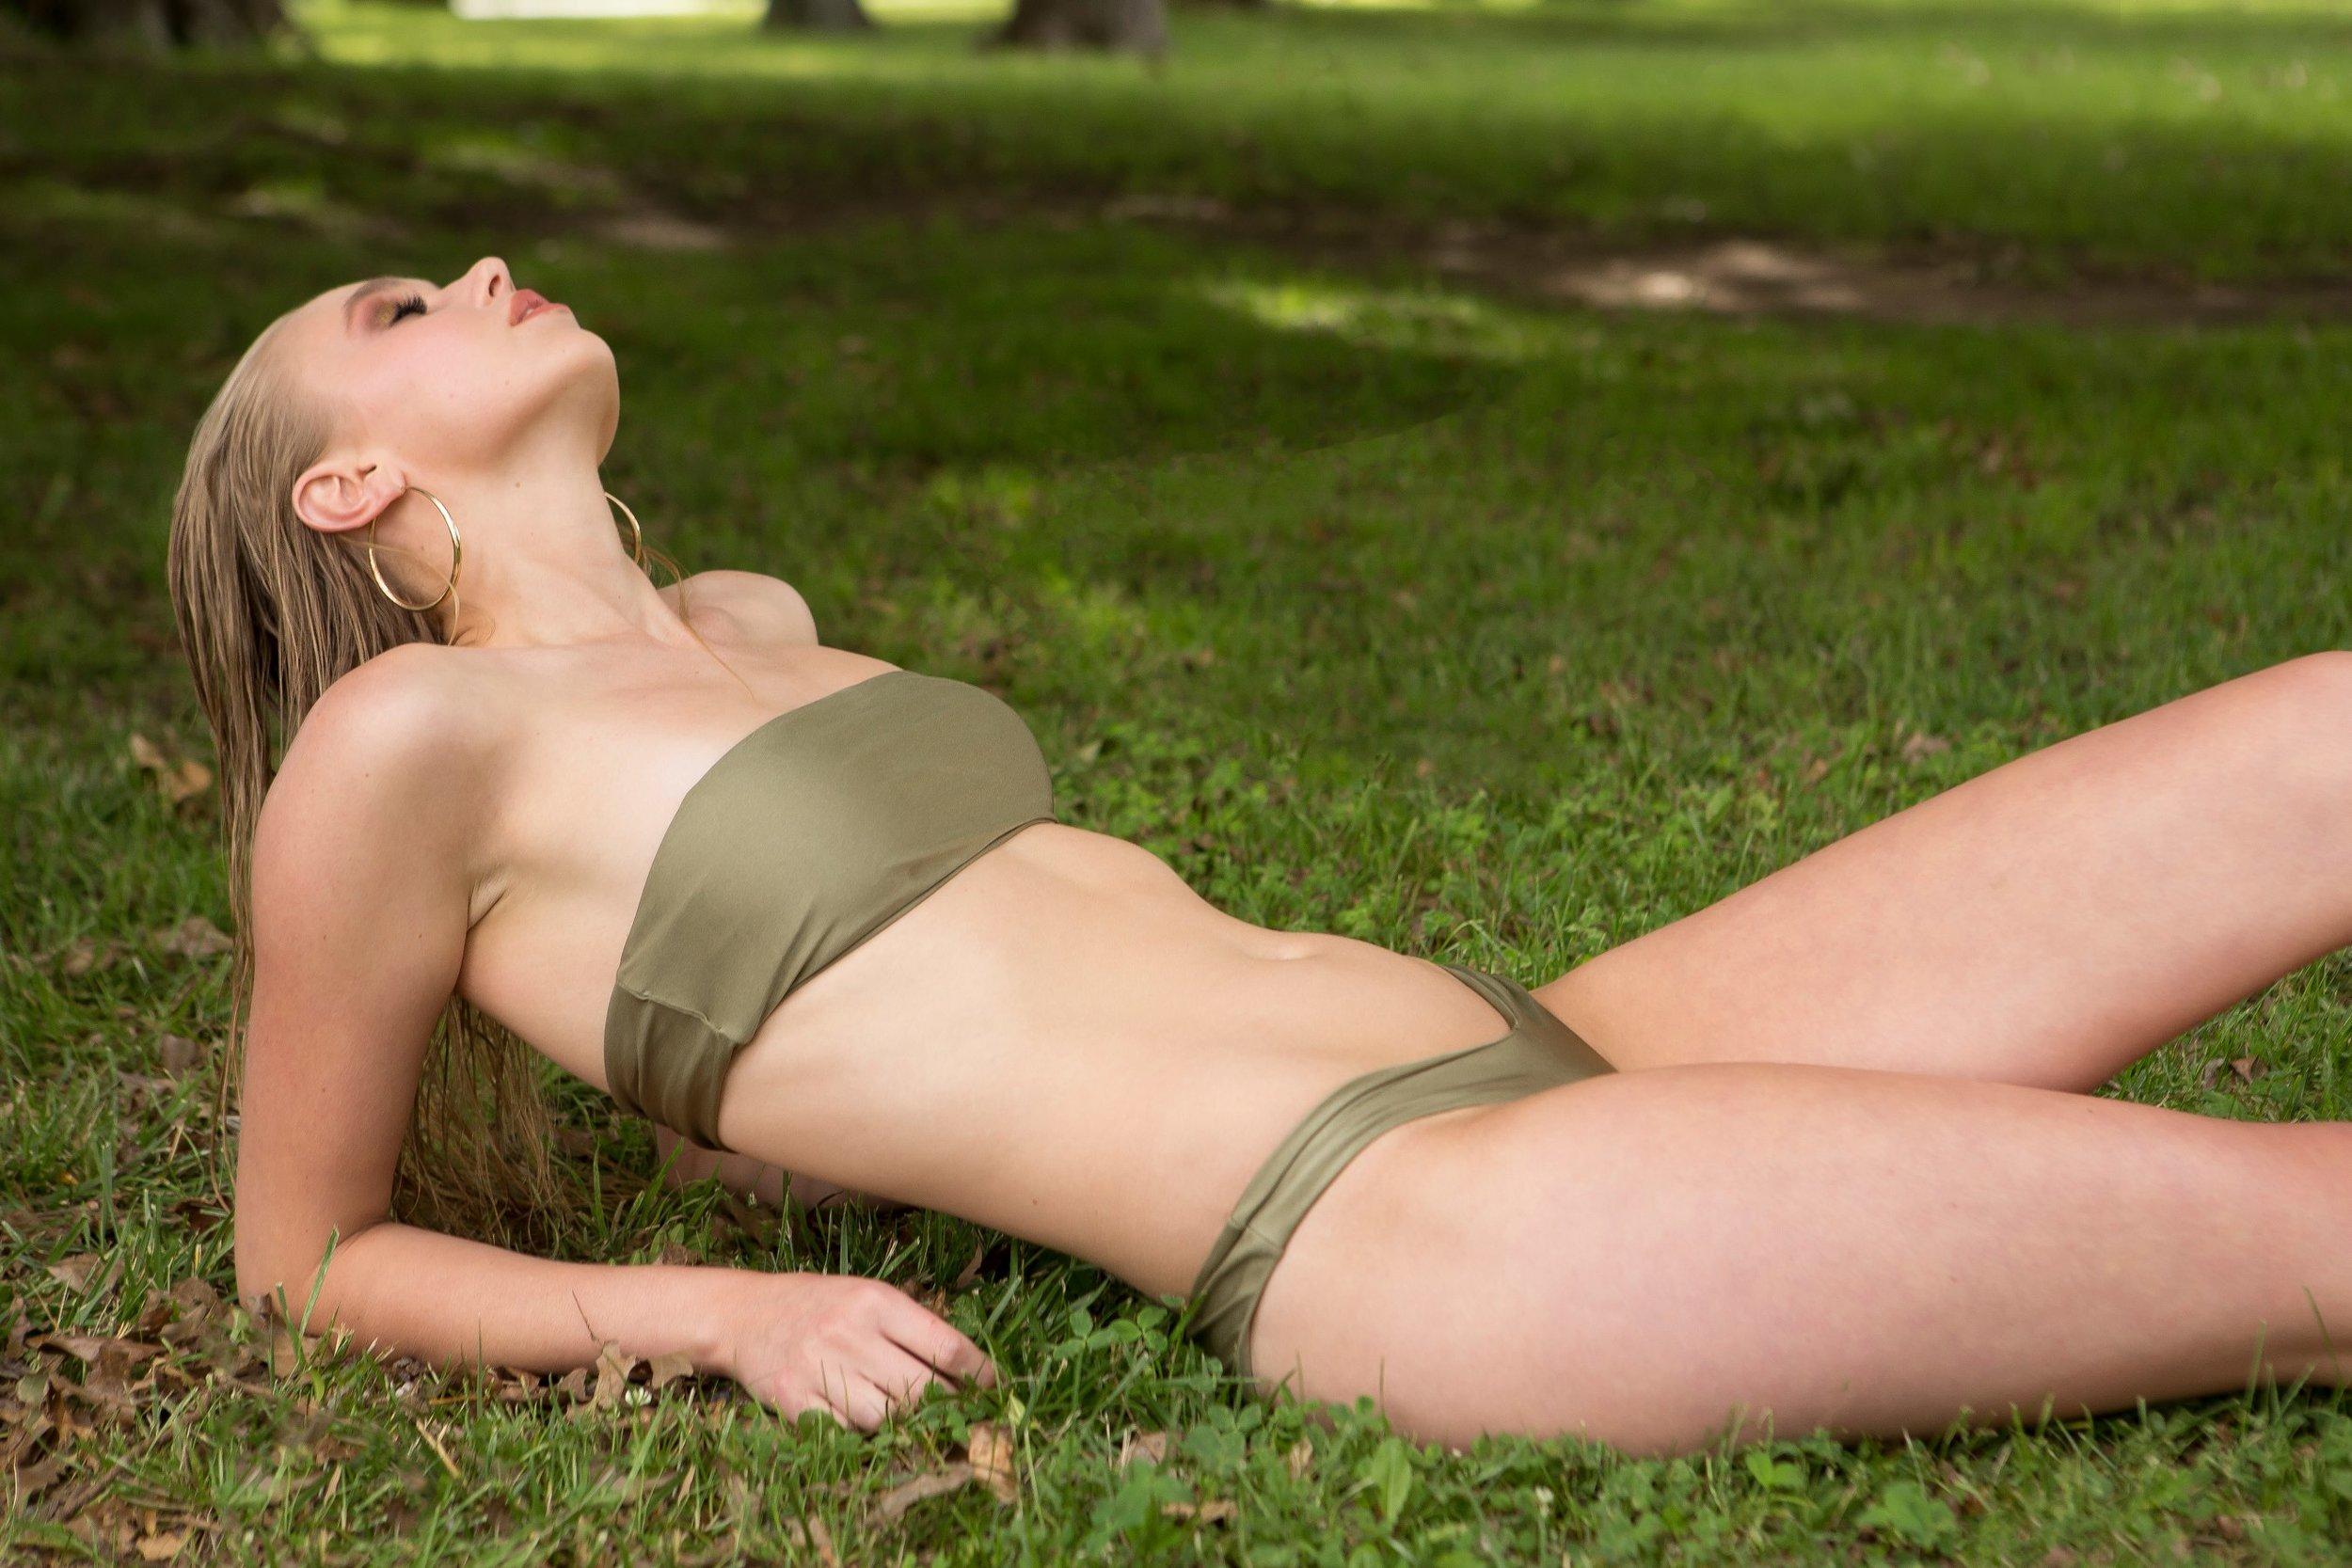 Models own bikini